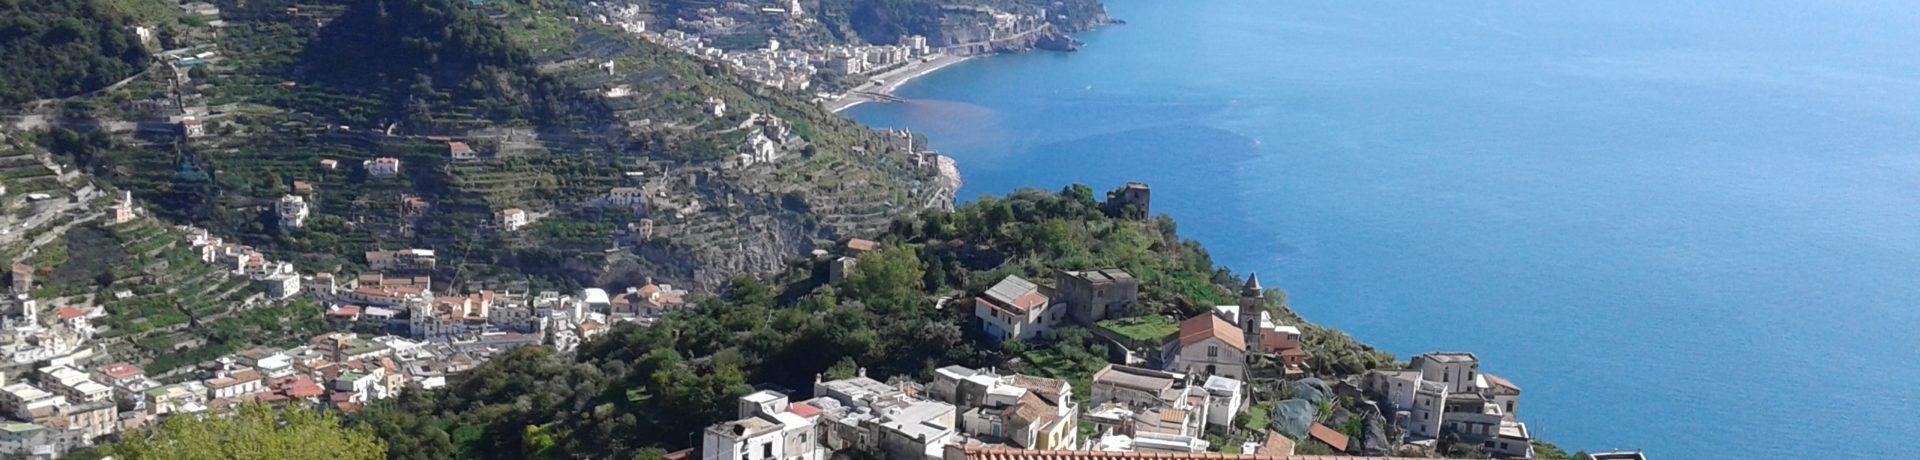 Agriturismo Mare e Monti in Tramonti is een fijne, rustige camping/agriturismo in het hart van de kust van Amalfi, op slechts 10 kilometer van de zee en 12 kilometer van Amalfi.